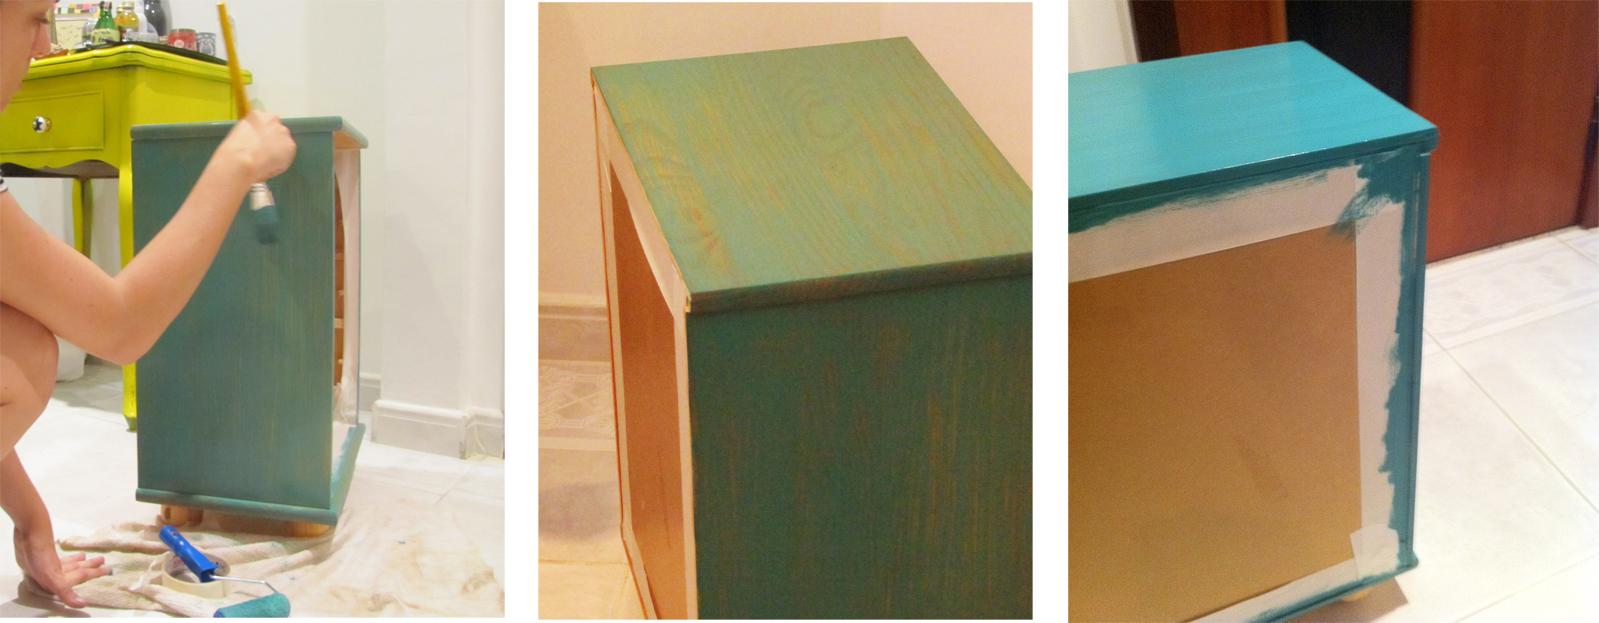 Zona De Conforto Como Reformar Um M Vel Velho Casa De Colorir ~ Meu Movel De Madeira Cozinha